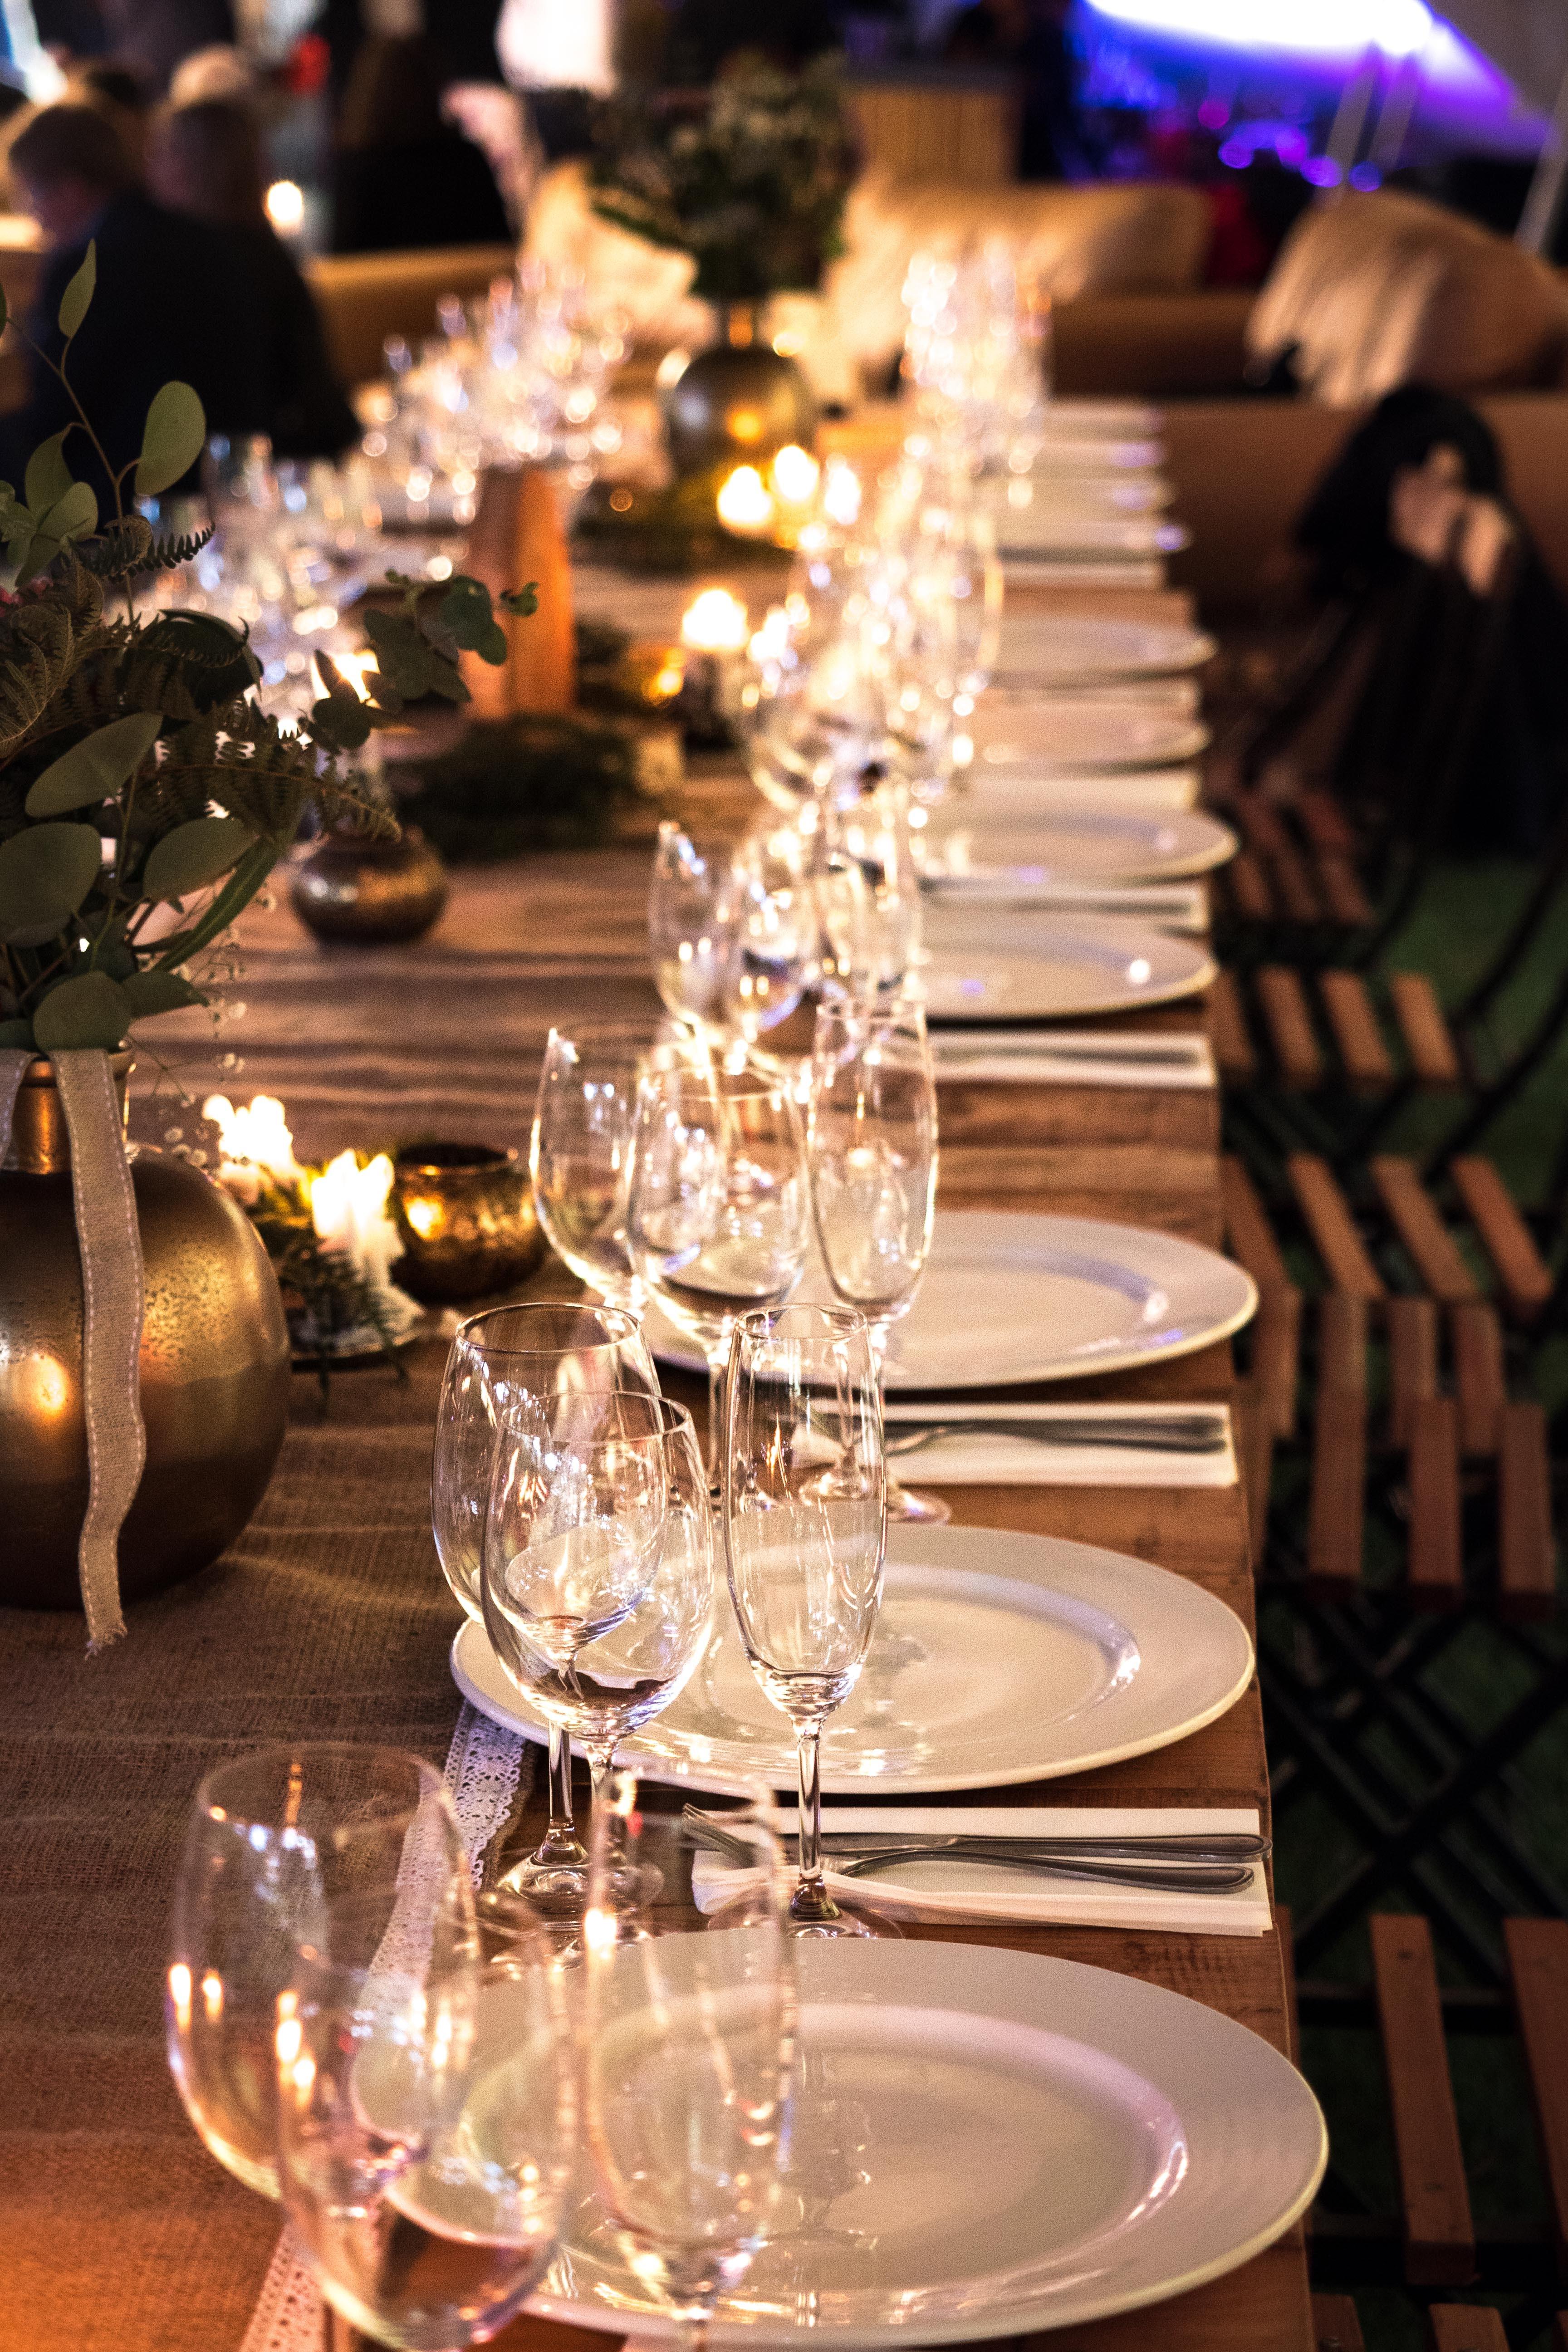 Deco De Table Bougie images gratuites : bougie, bougies, restauration, verres à